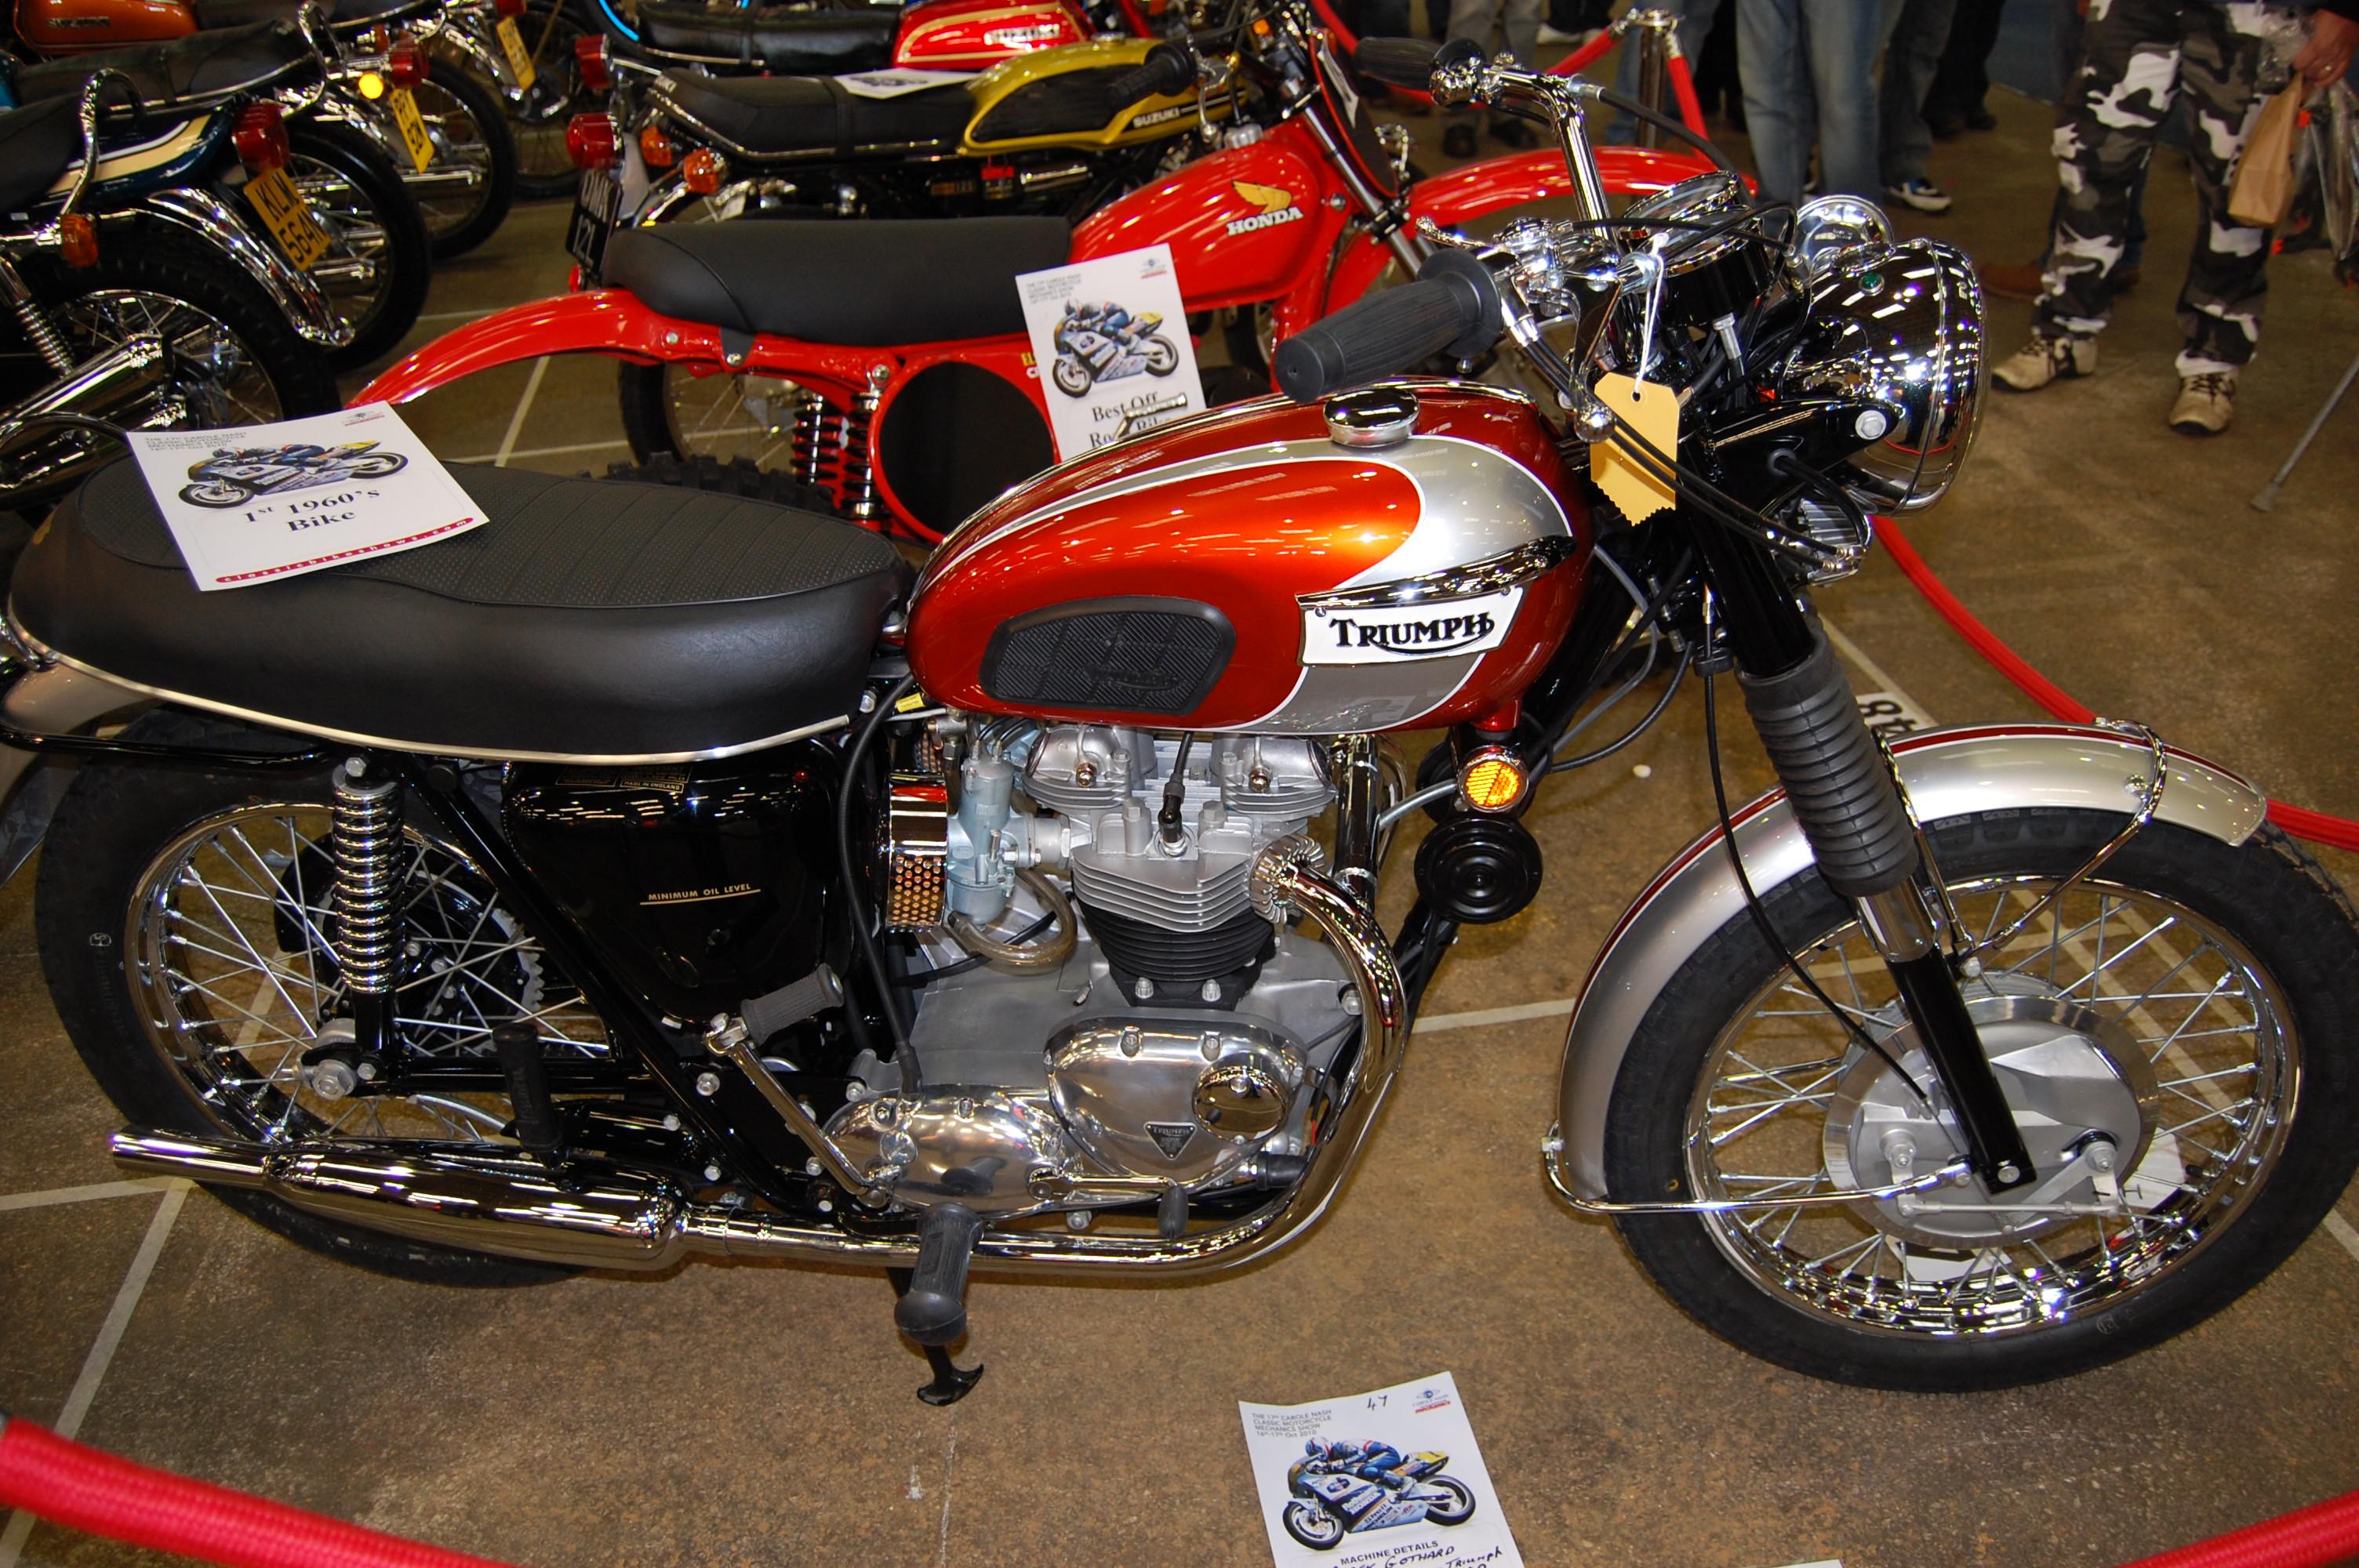 Fileflickr Ronsaunders47 Triumph Bonneville T120 650cc Twin